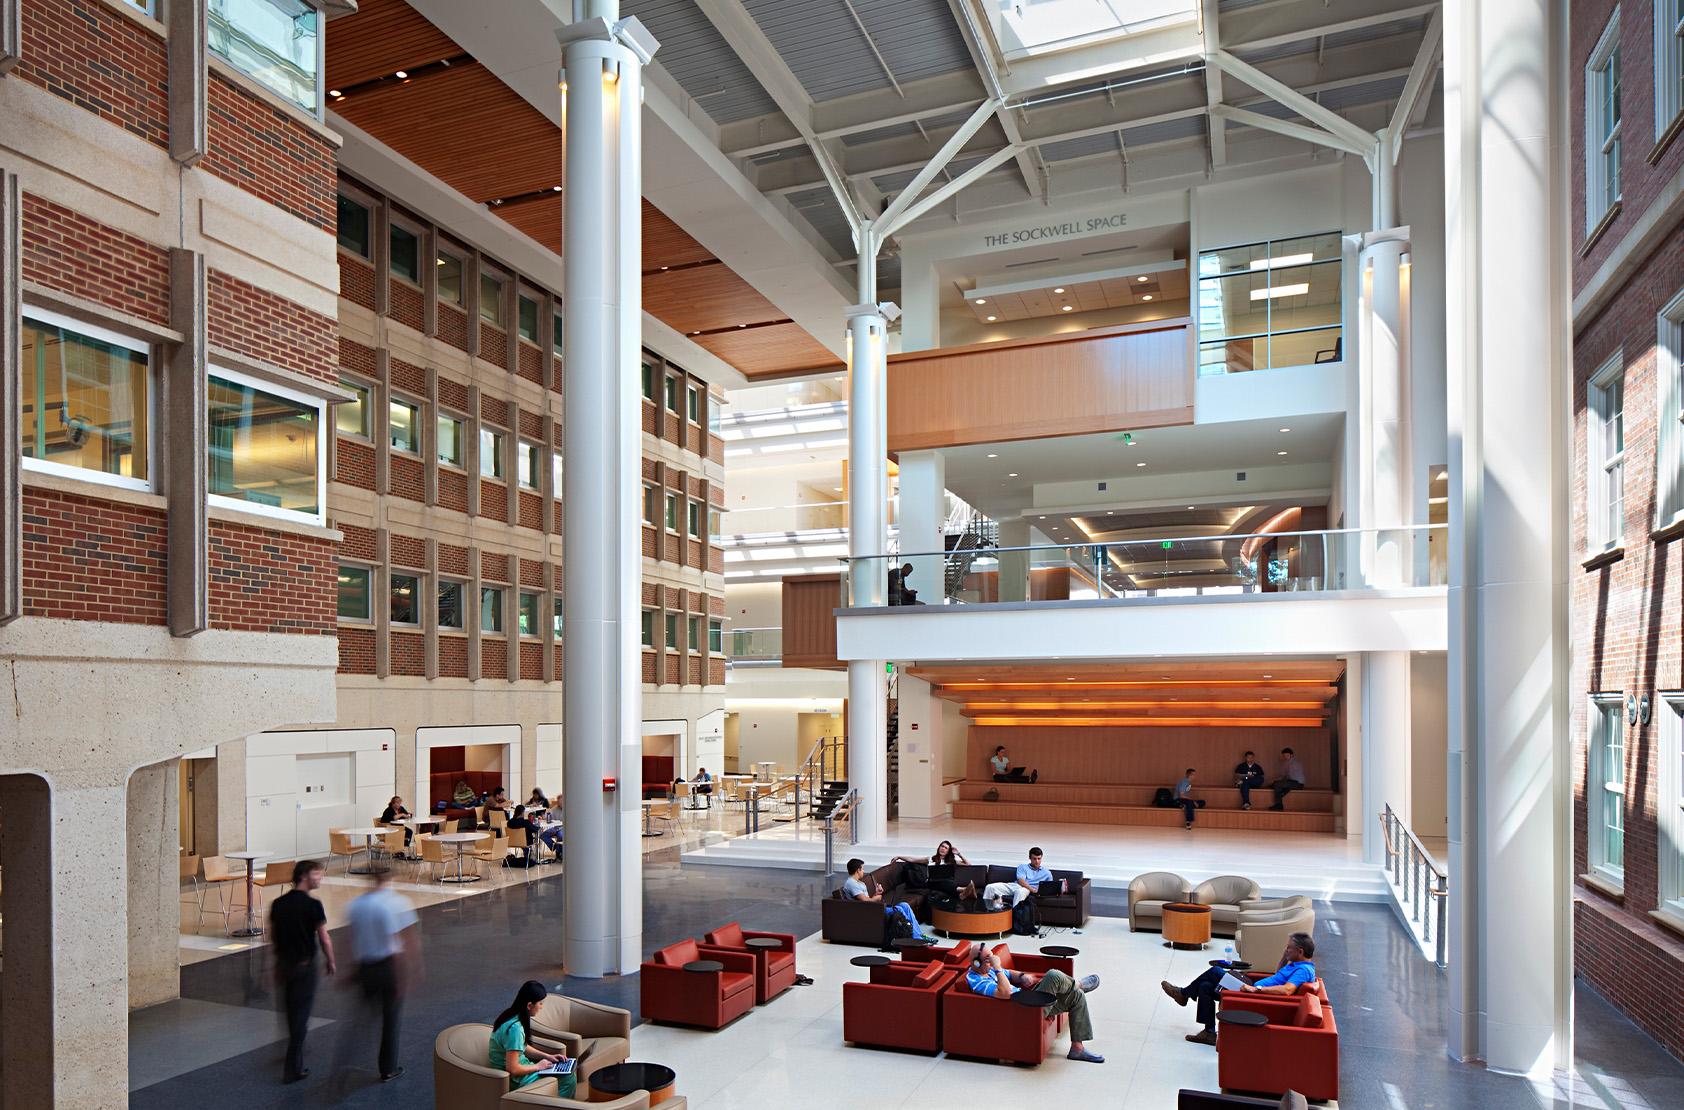 University of North Carolina - Koury Oral Health Sciences Building